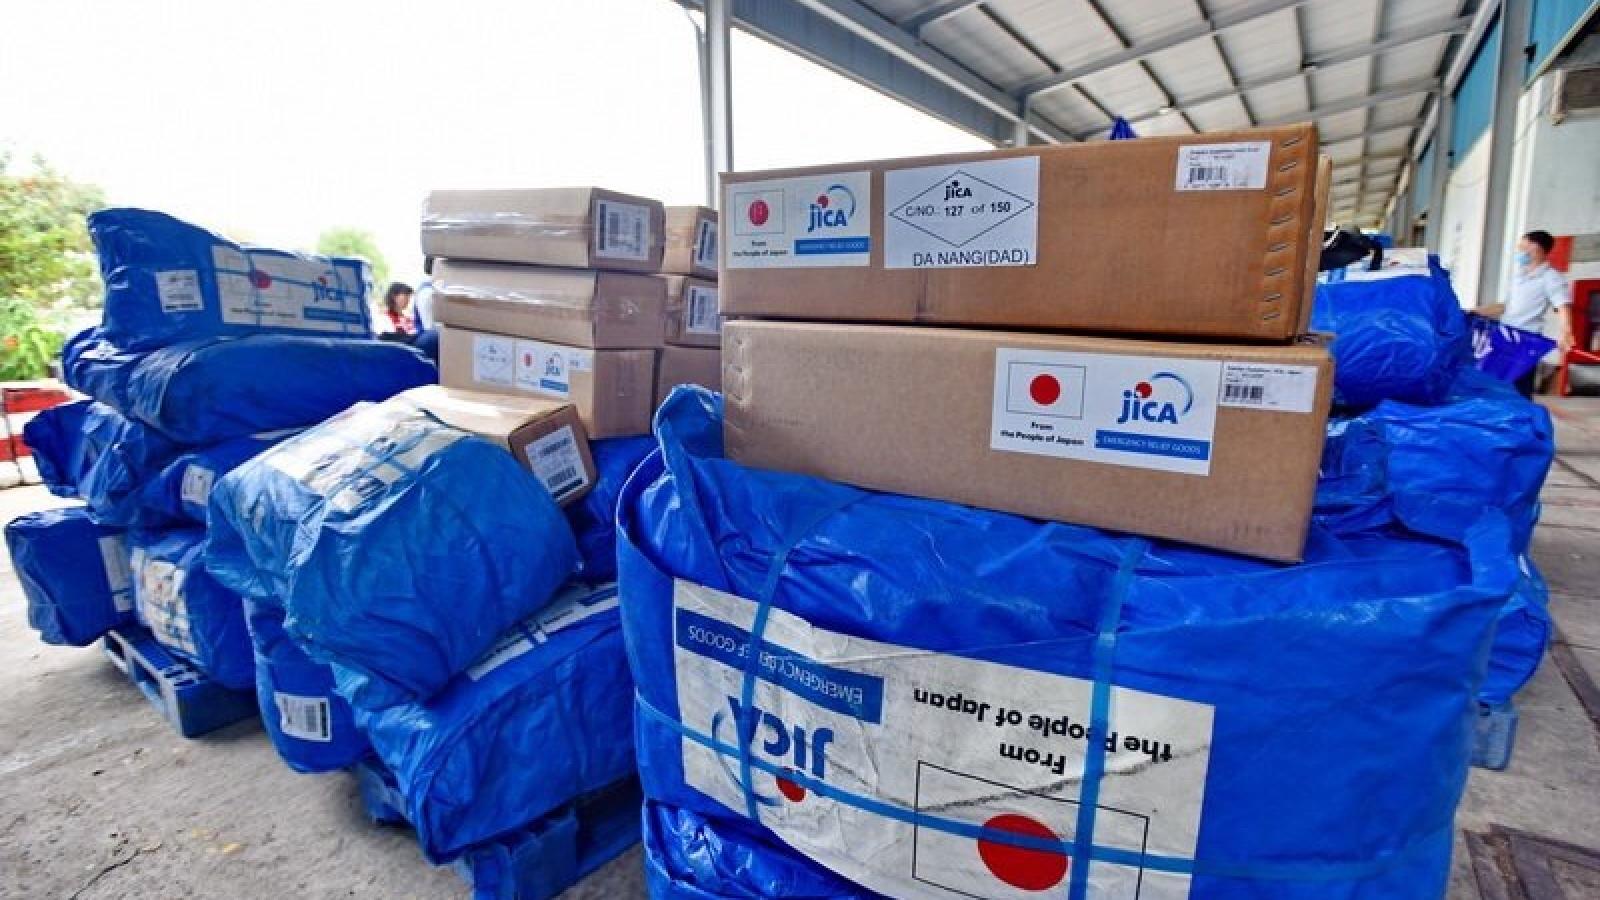 Mỹ - Nhật Bản hỗ trợ cho các tỉnh miền Trung Việt Nam khắc phục hậu quả lũ lụt